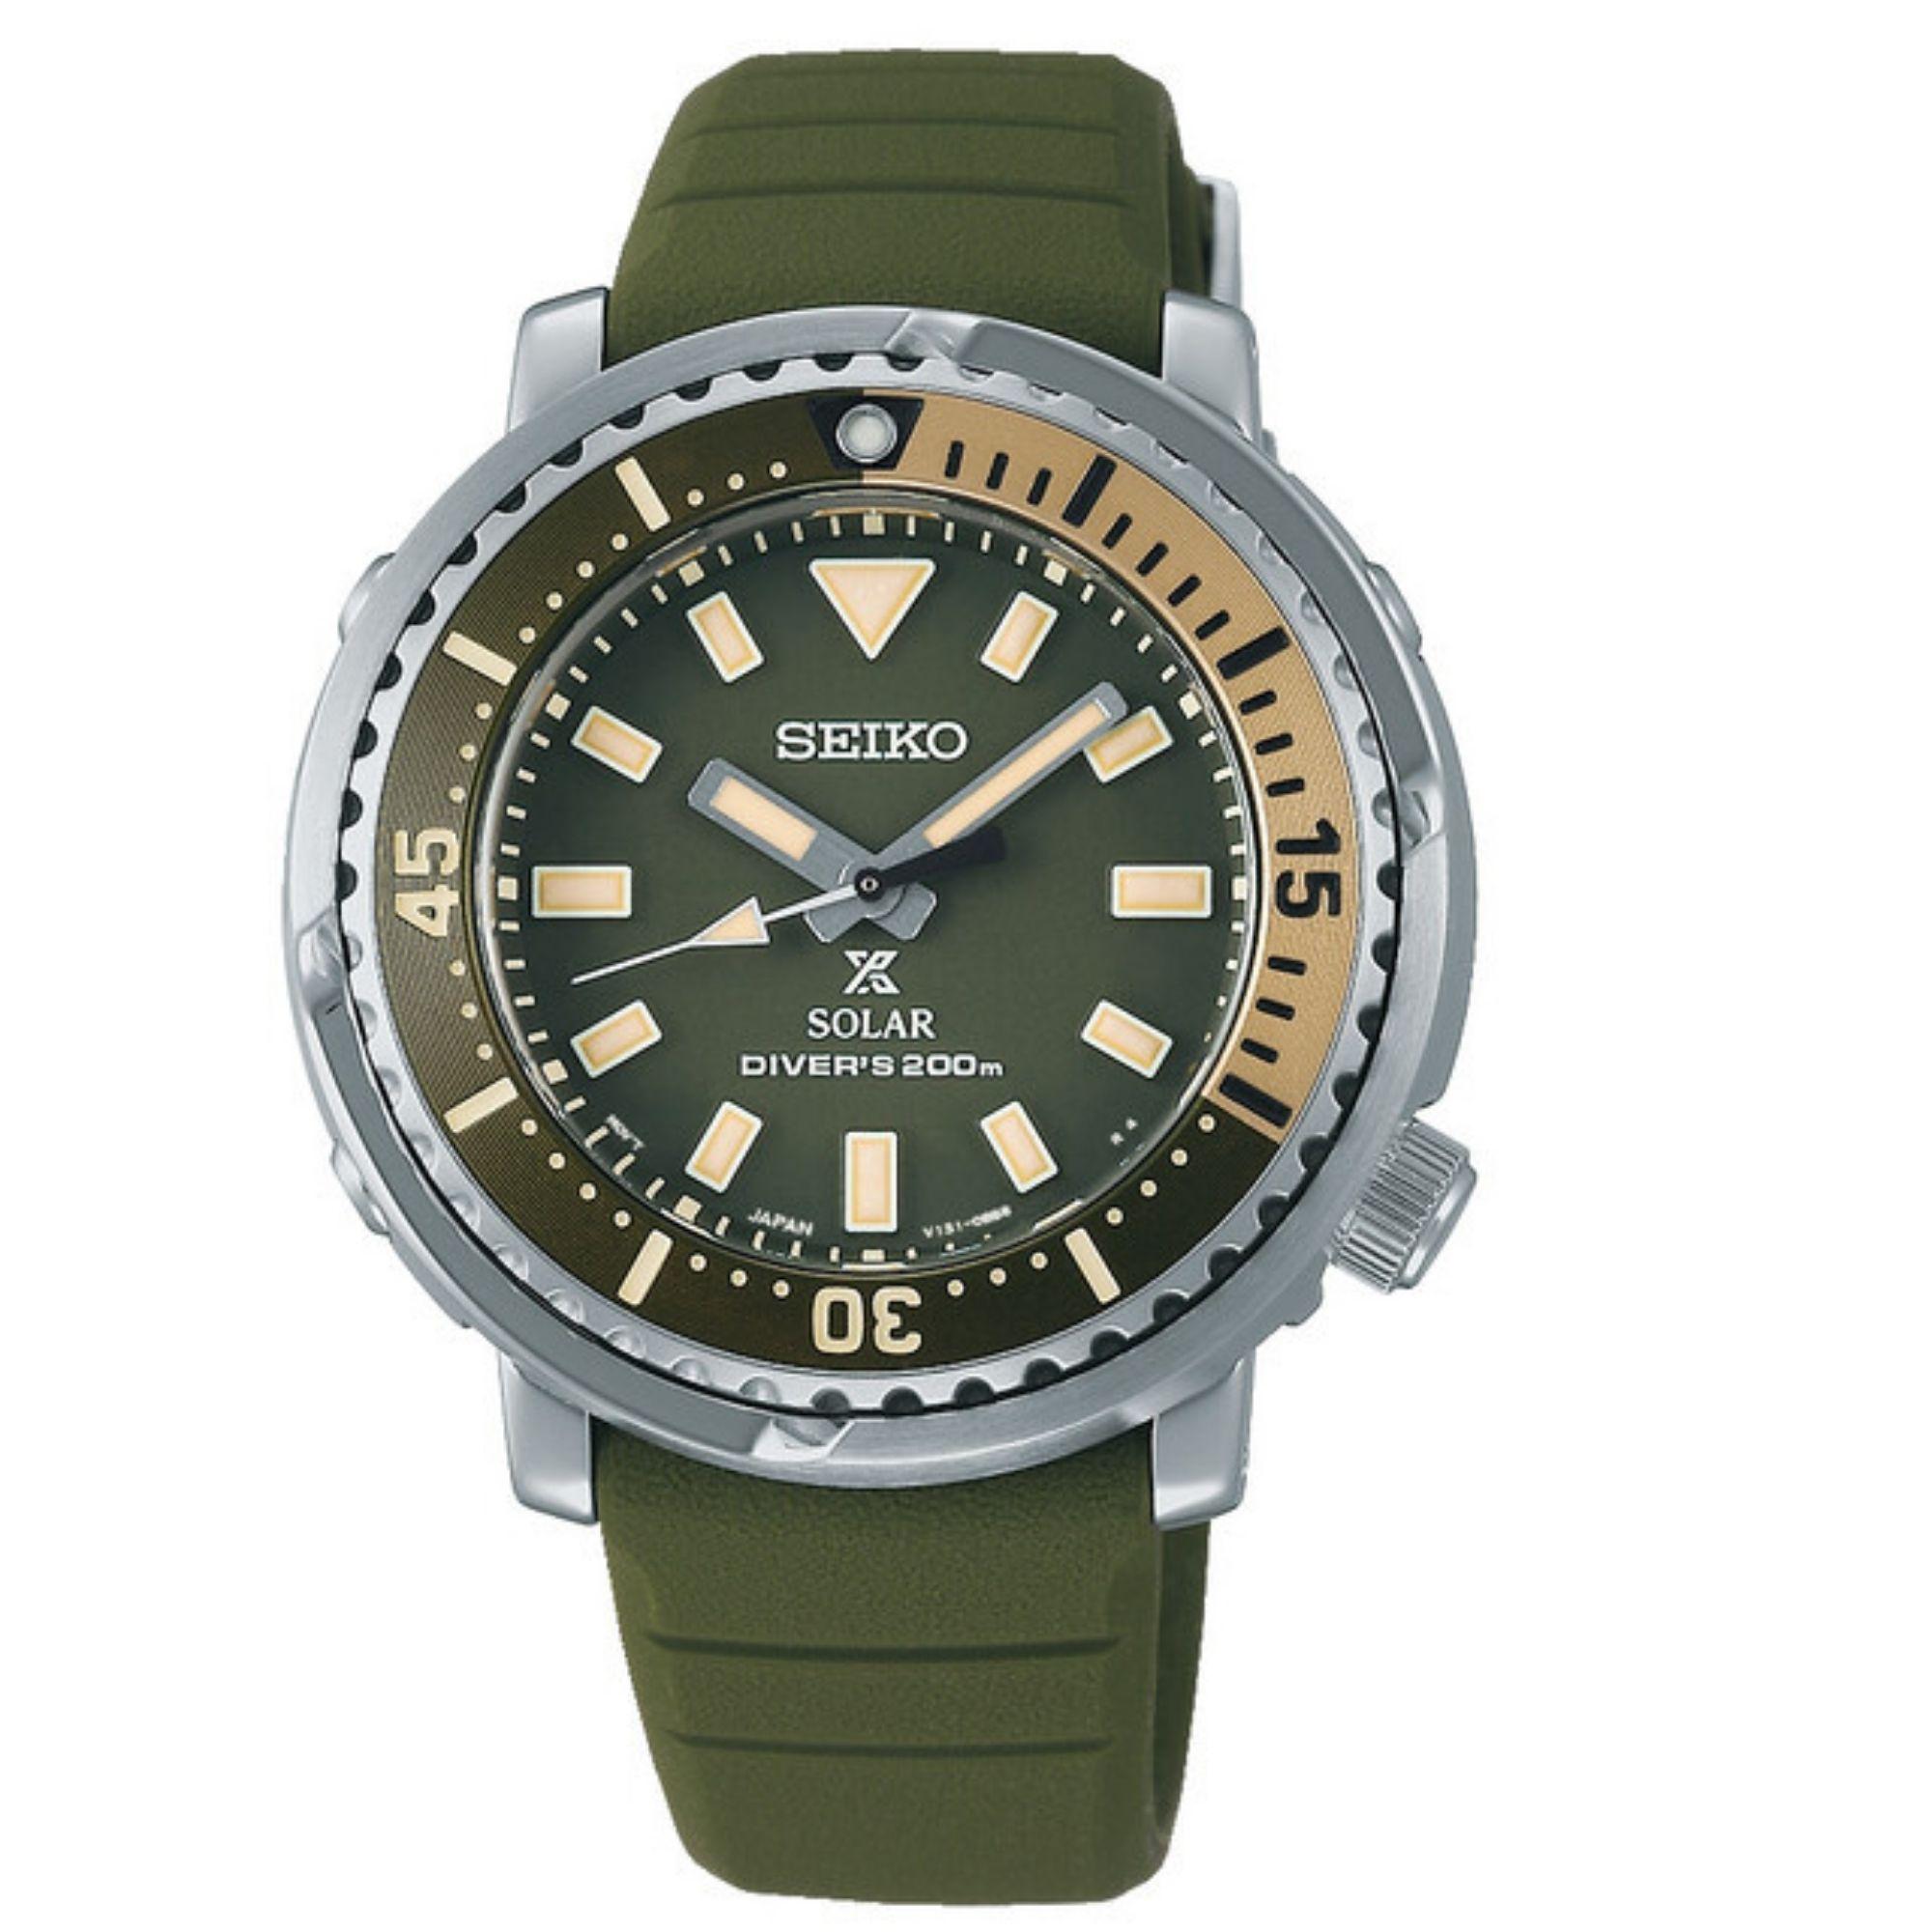 Seiko Prospex Street Series Mini Tuna Safari Edition Automatic Green Dial Silicone Strap Women's Watch SUT405P1